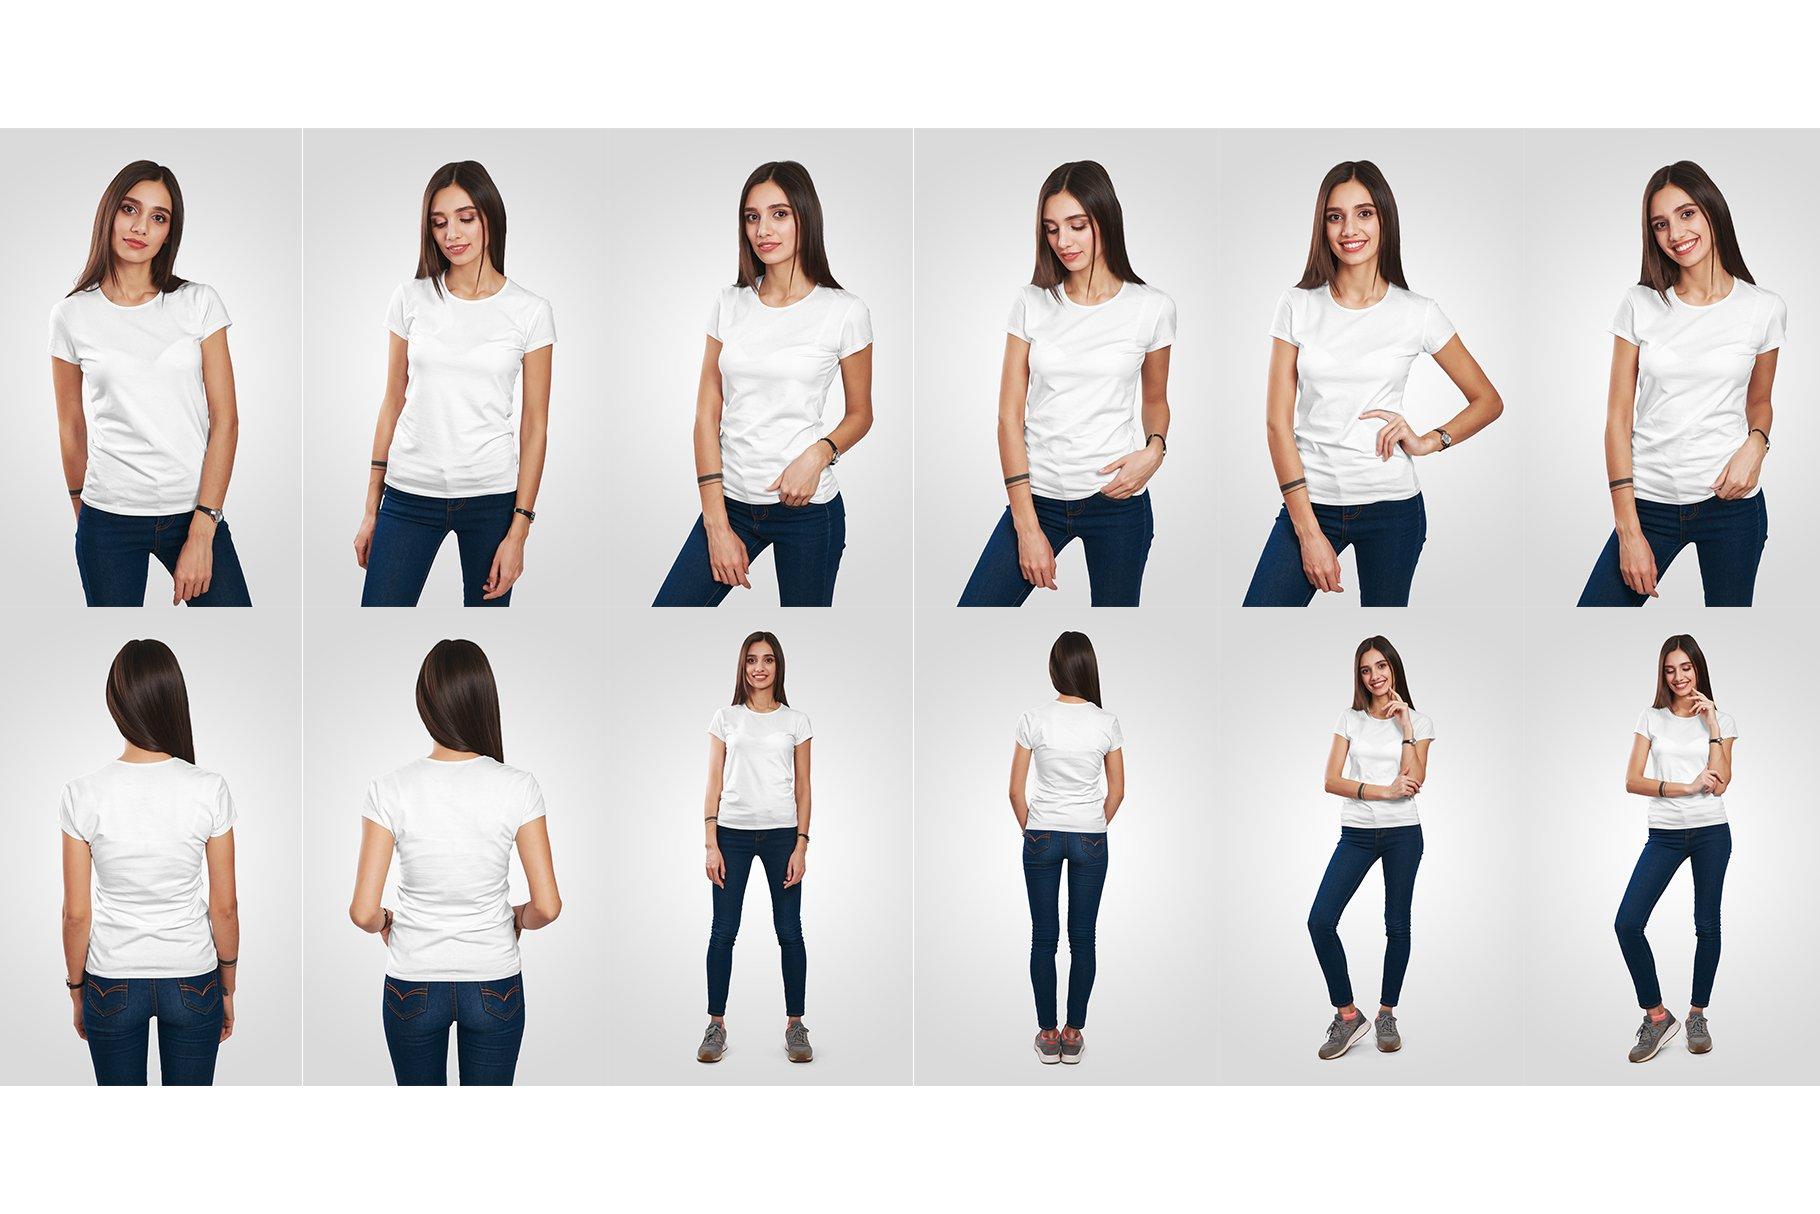 12款高品质女士半袖T恤印花图案设计展示PS智能贴图样机 Female T-Shirt Mockups Vol 3 Part 1插图8